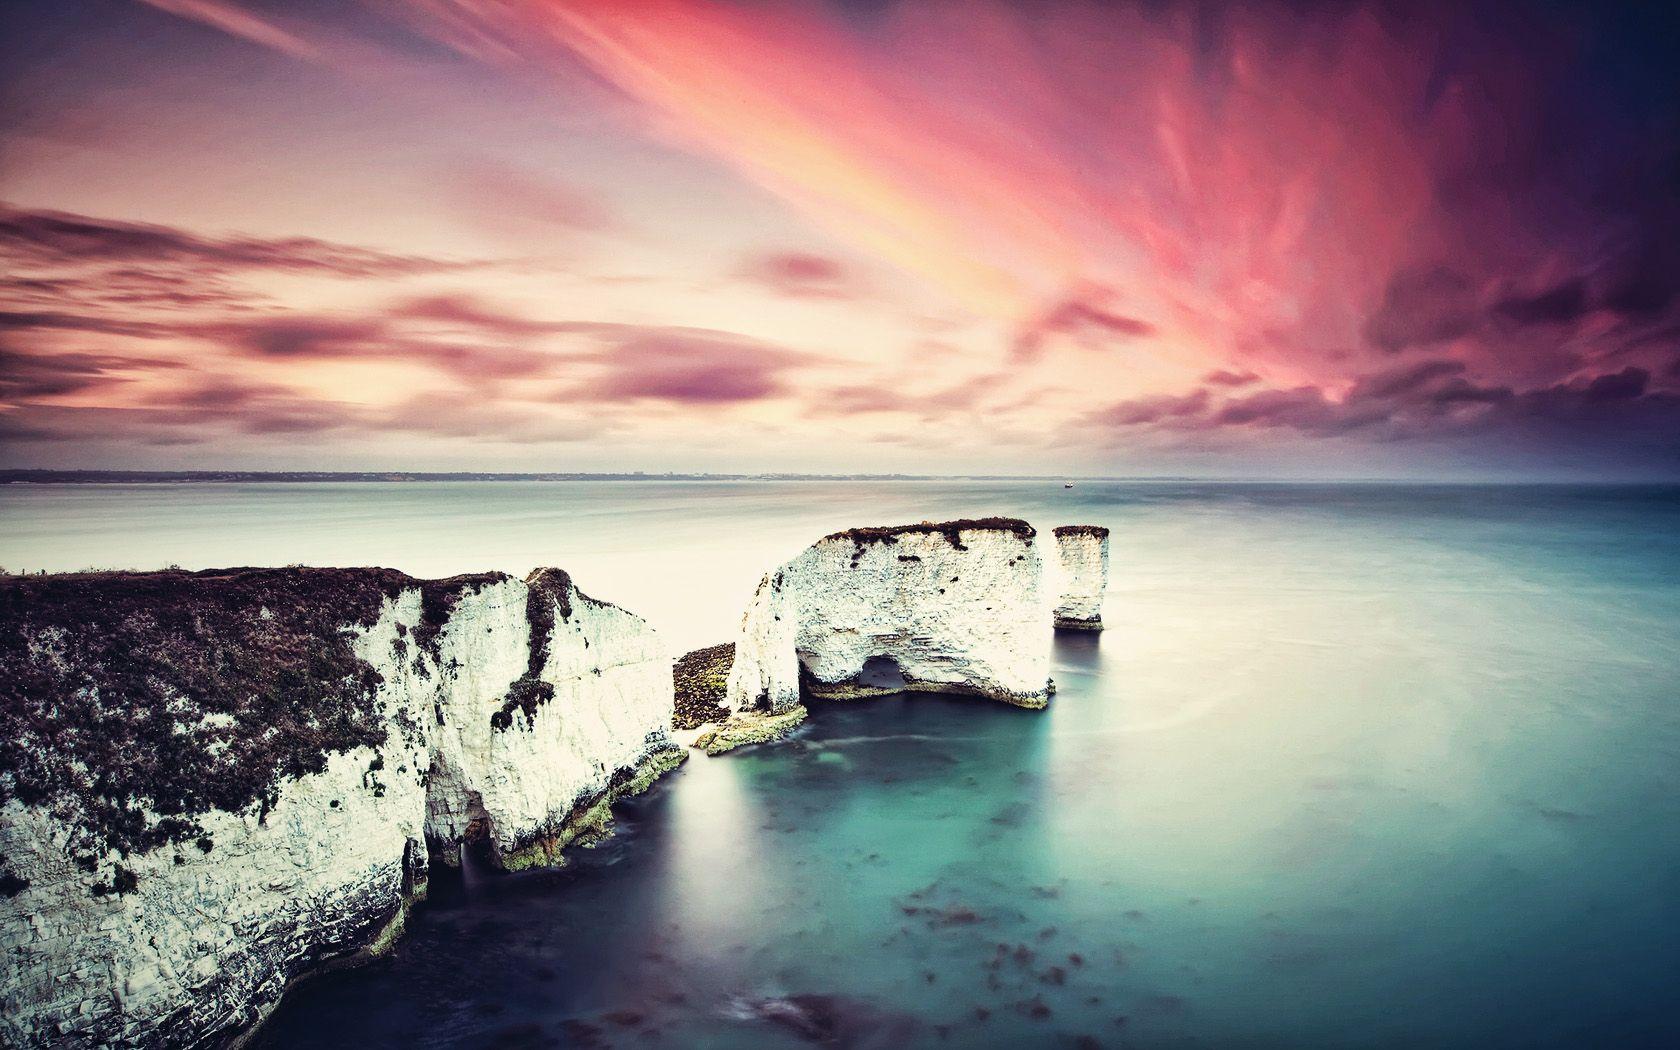 Boje mora slike za desktop i pozadinu | Slike za Desktop